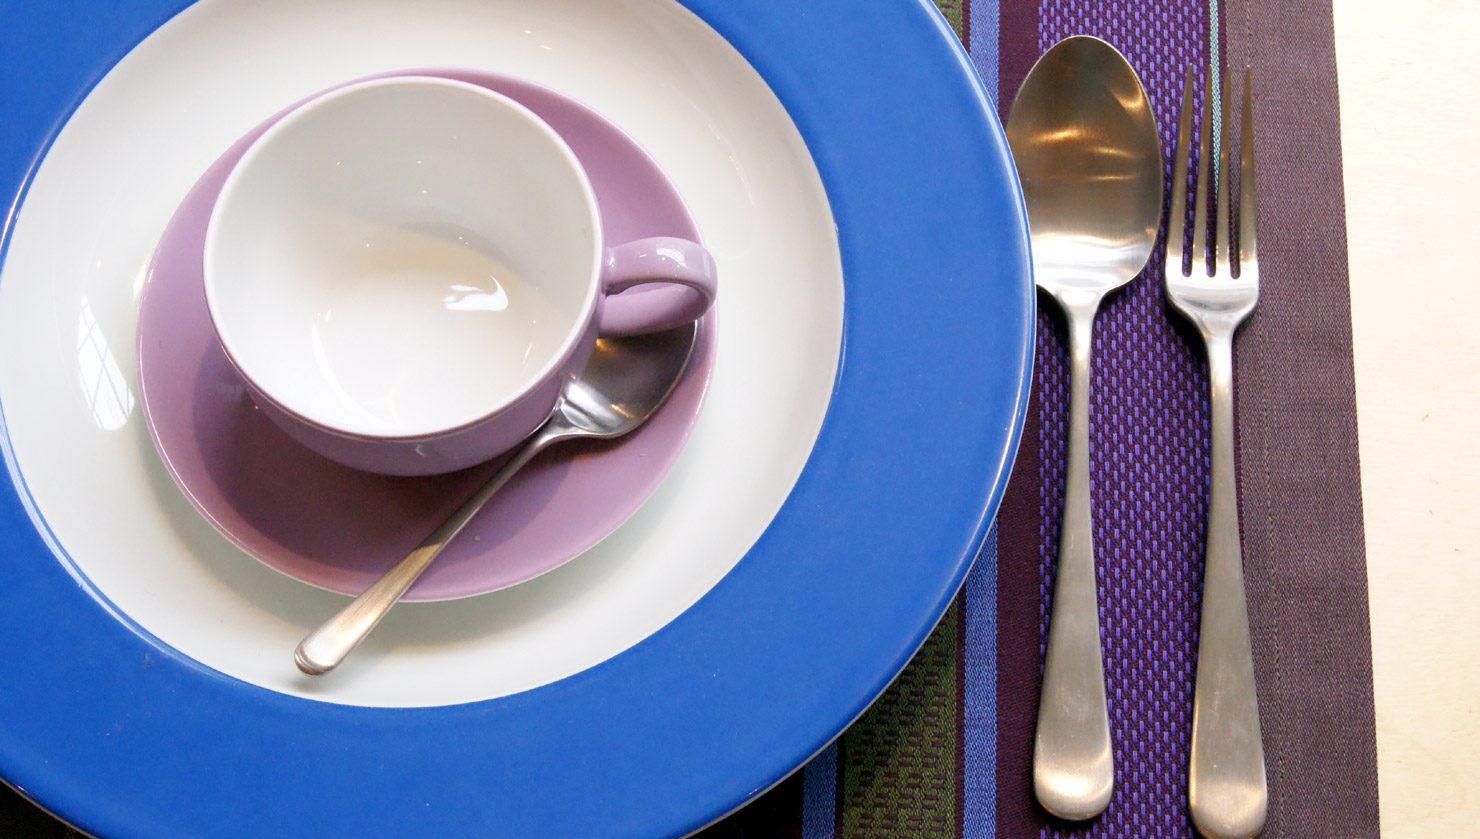 Een van de vele kleurcombinaties die mogelijk zijn met Dibbern Solid Color servies